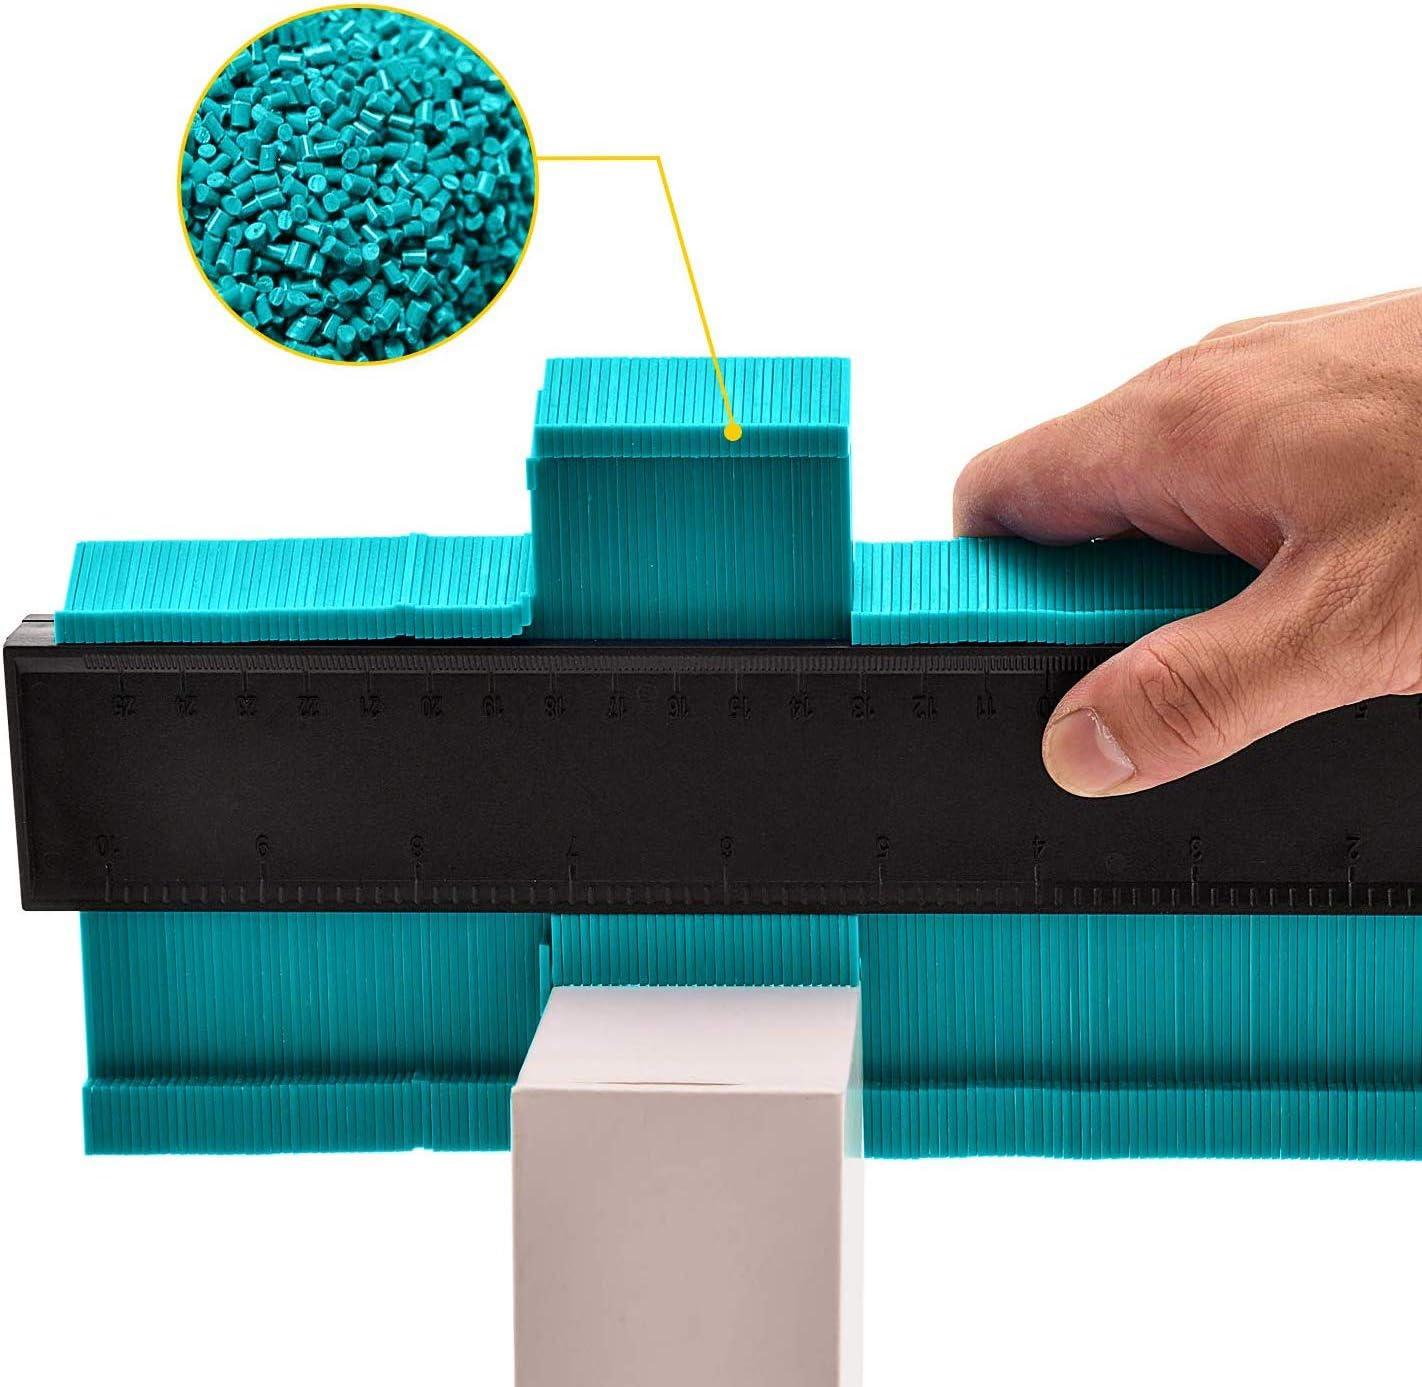 Bleu GeekerChip Jauge de Contour Plastique,250mm Contour Duplicator Gauge,Decoupe pour Jauge de Profil pour conduits en Plastique Tuyaux de Bobinage Cadres Circulaires